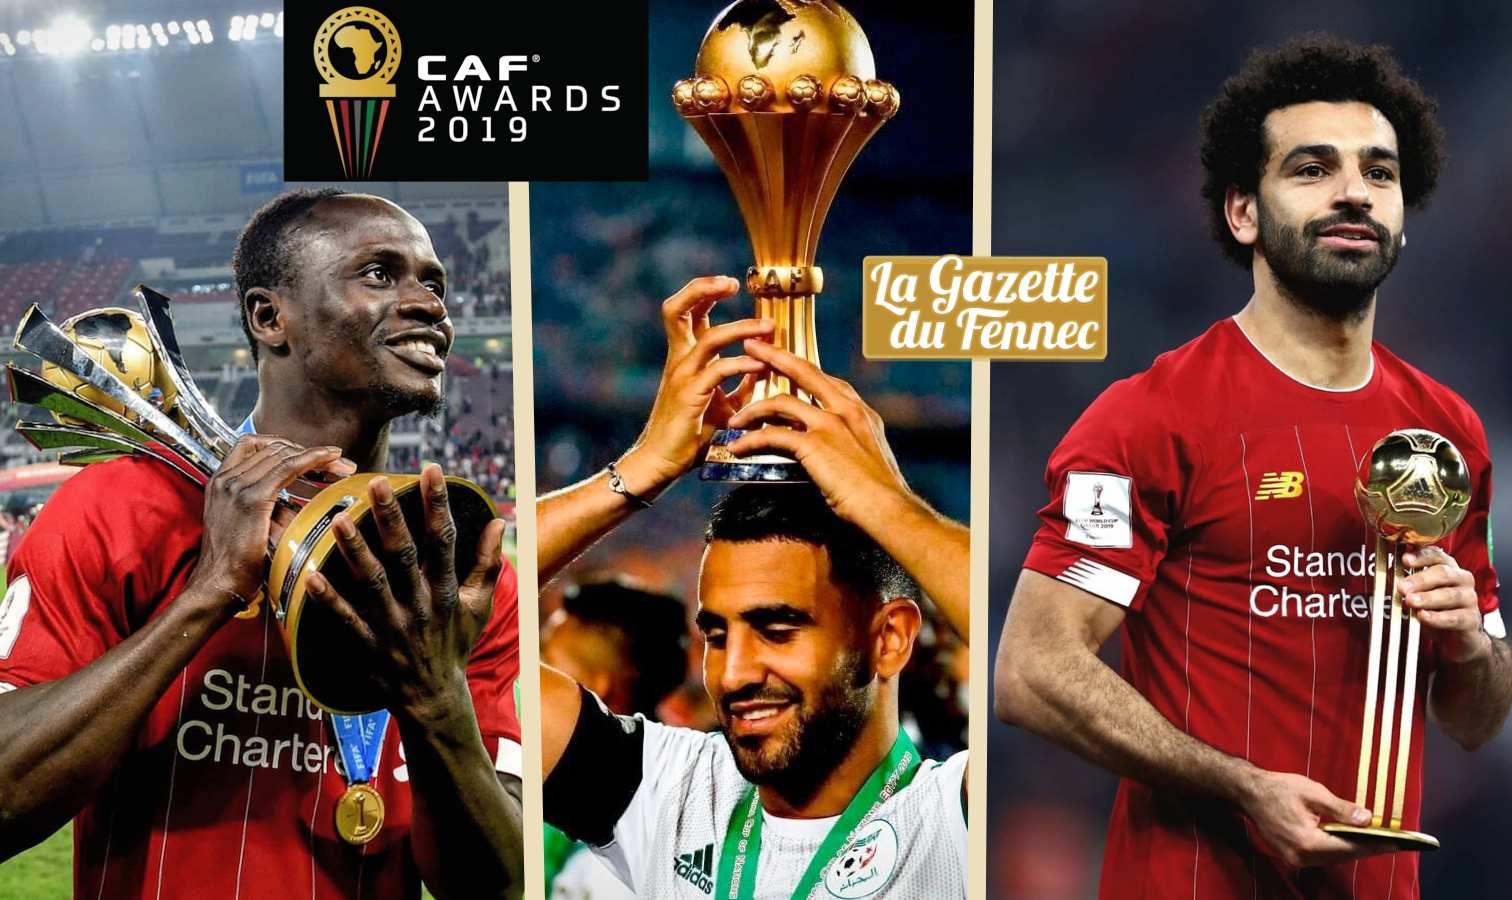 Mahrez dans le top 3 — Meilleur joueur africain